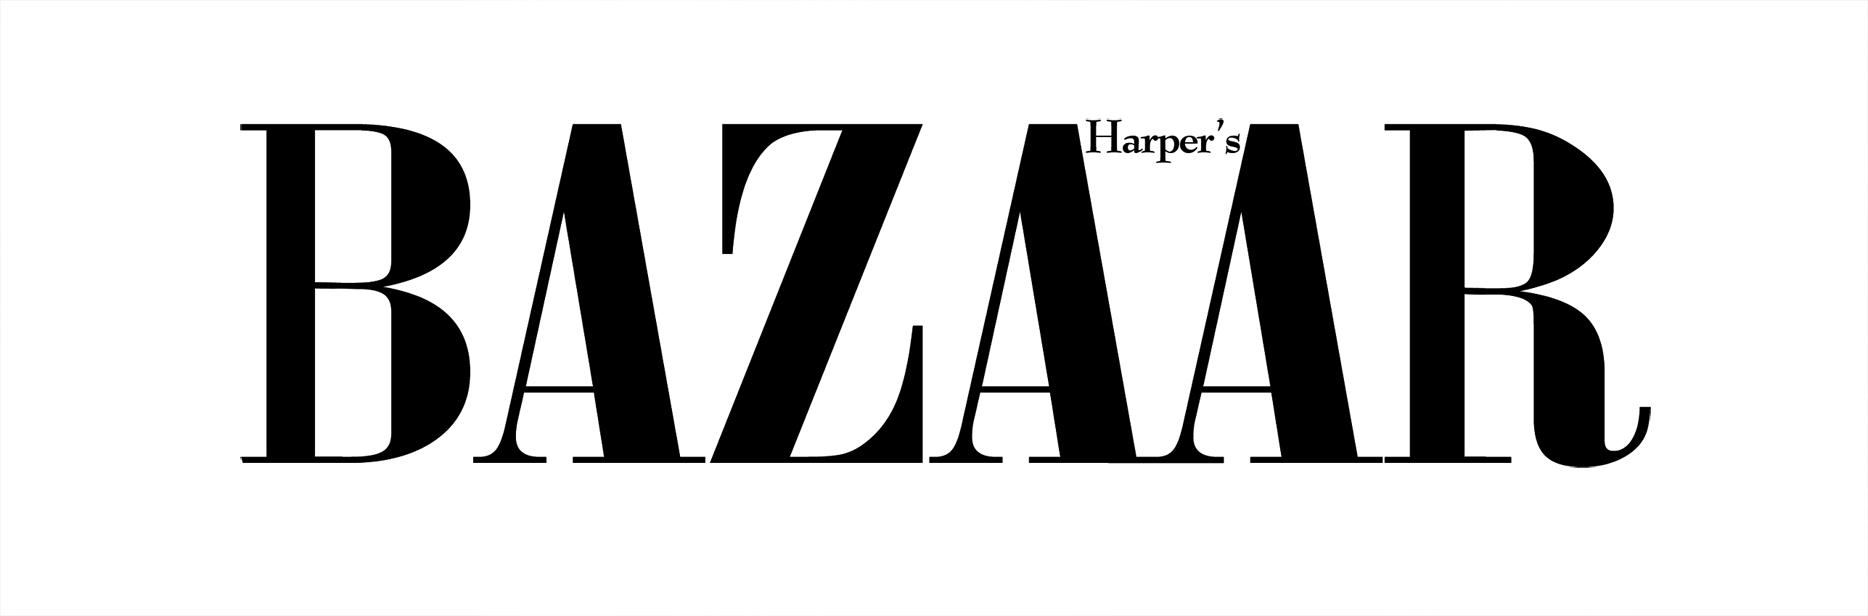 时尚芭莎字体 这种字体是什么字体呀?求下载地址!